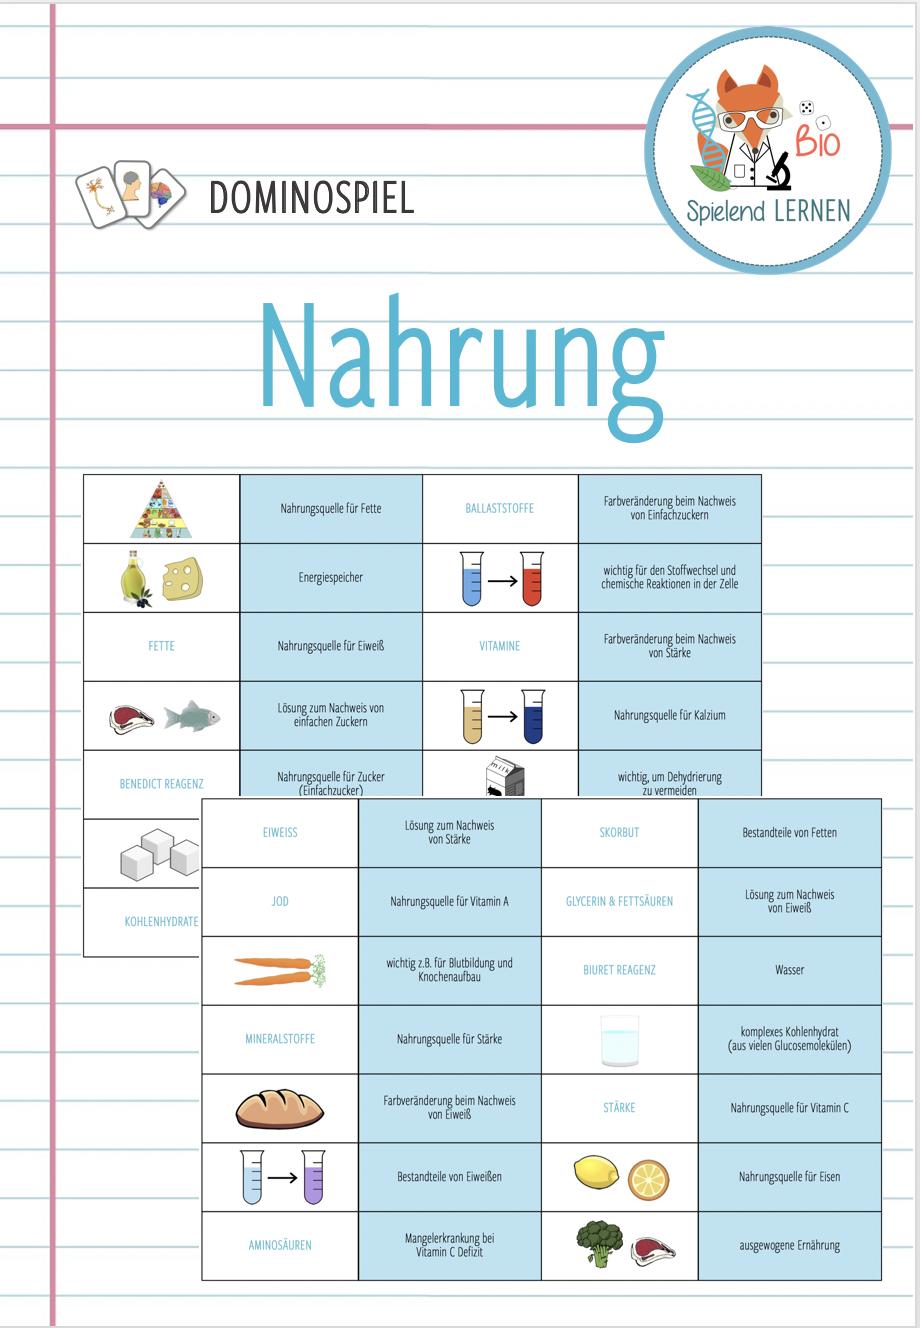 Nahrung und Ernährung   Domino Spiel – Unterrichtsmaterial im Fach ...